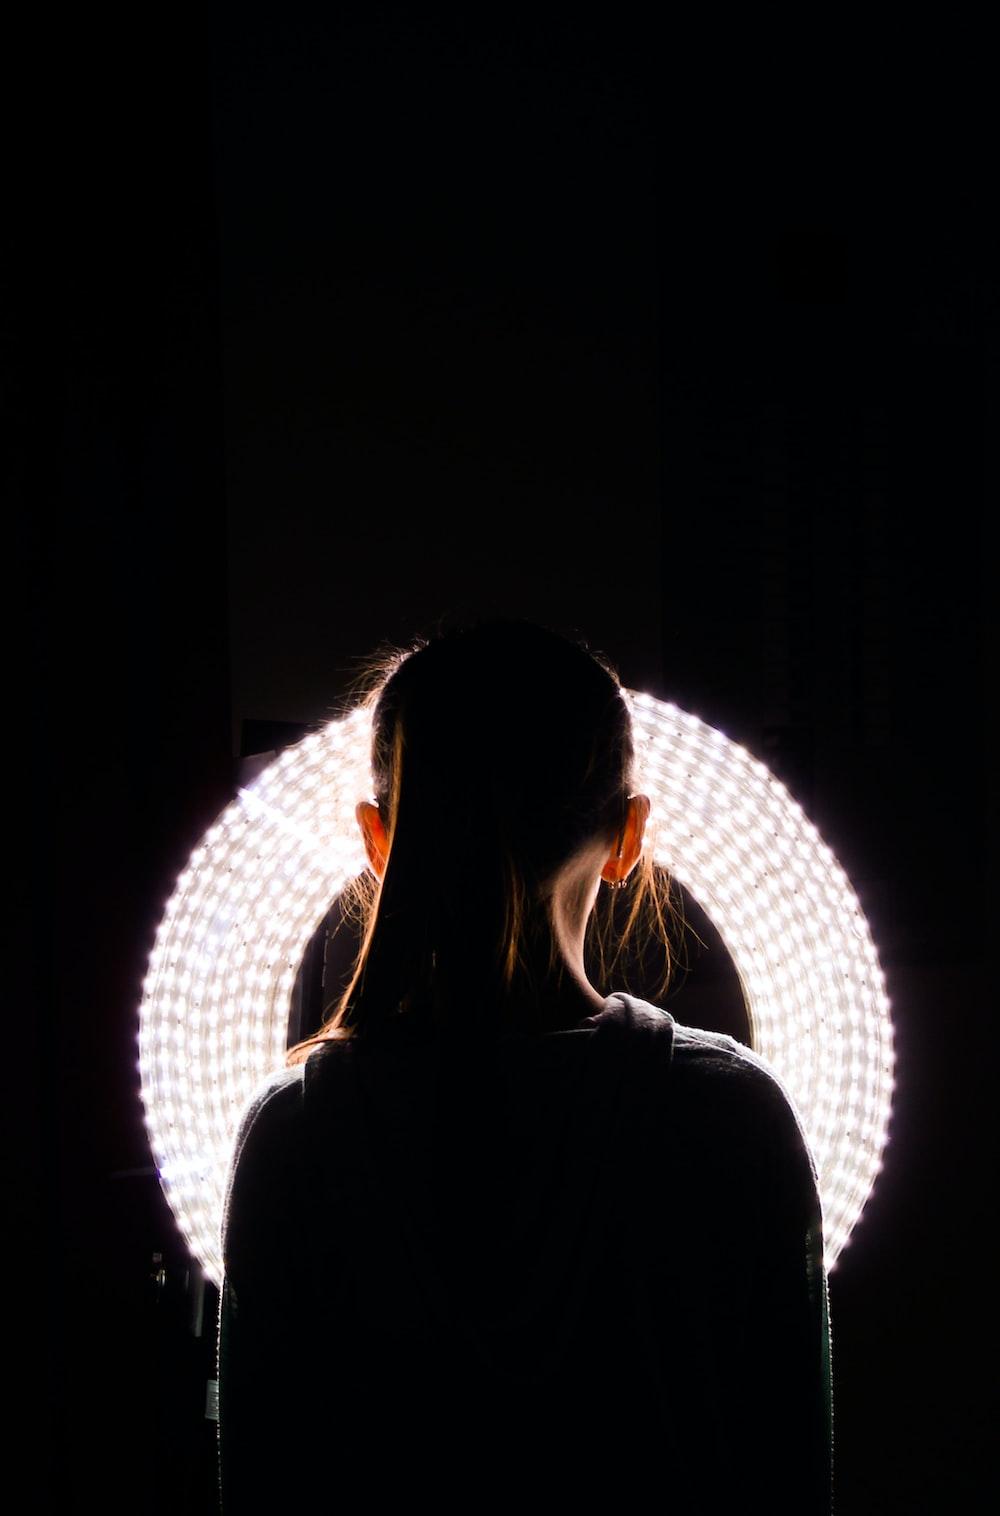 woman standing near round white vanity light